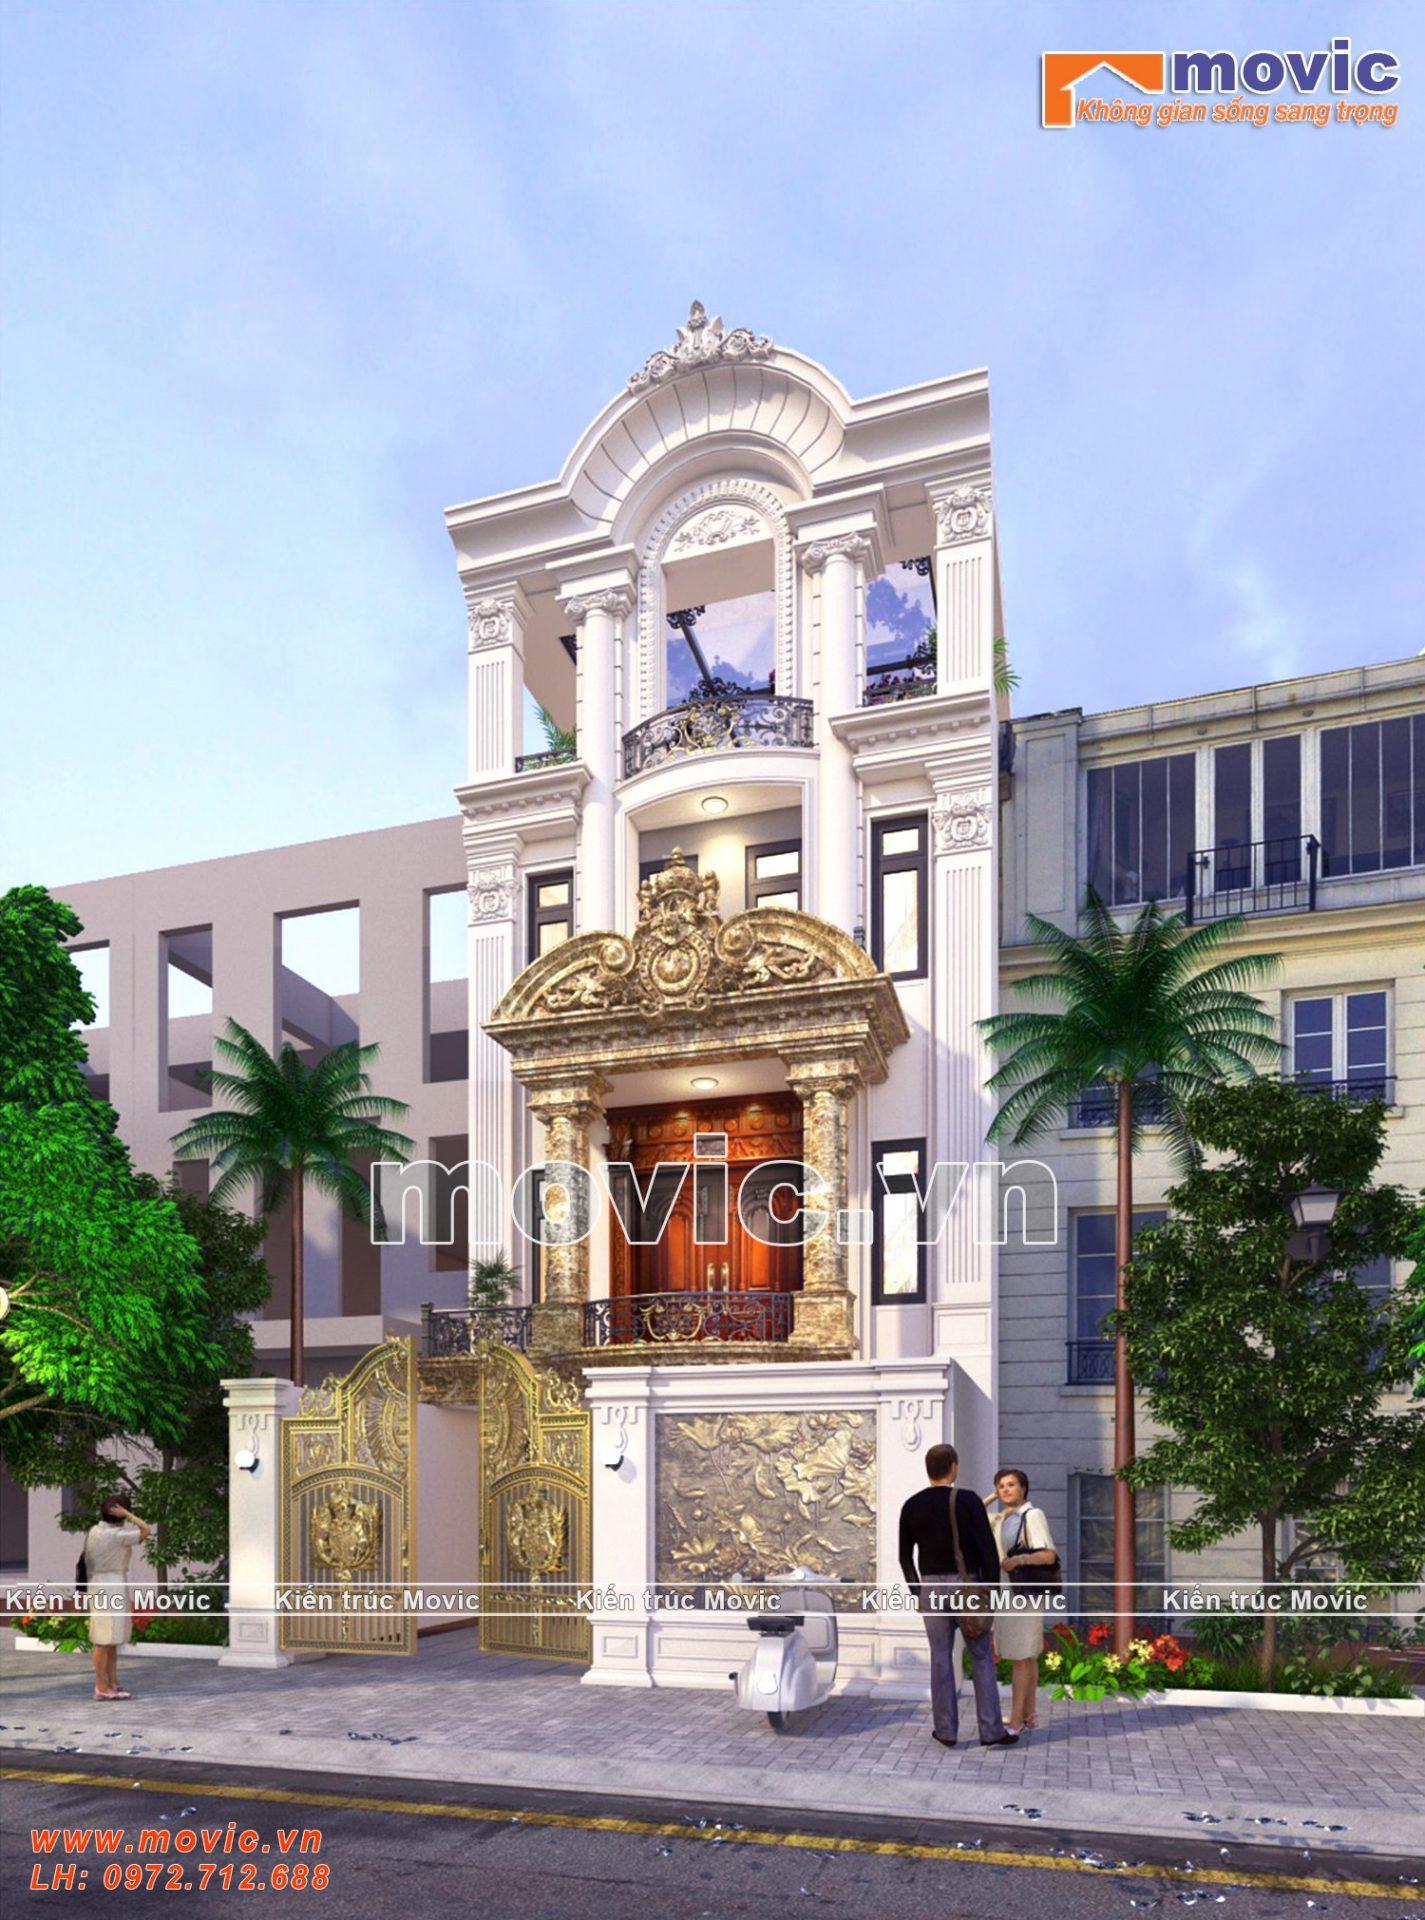 Mẫu biệt thự phố 3 tầng 1 tum tân cổ điển